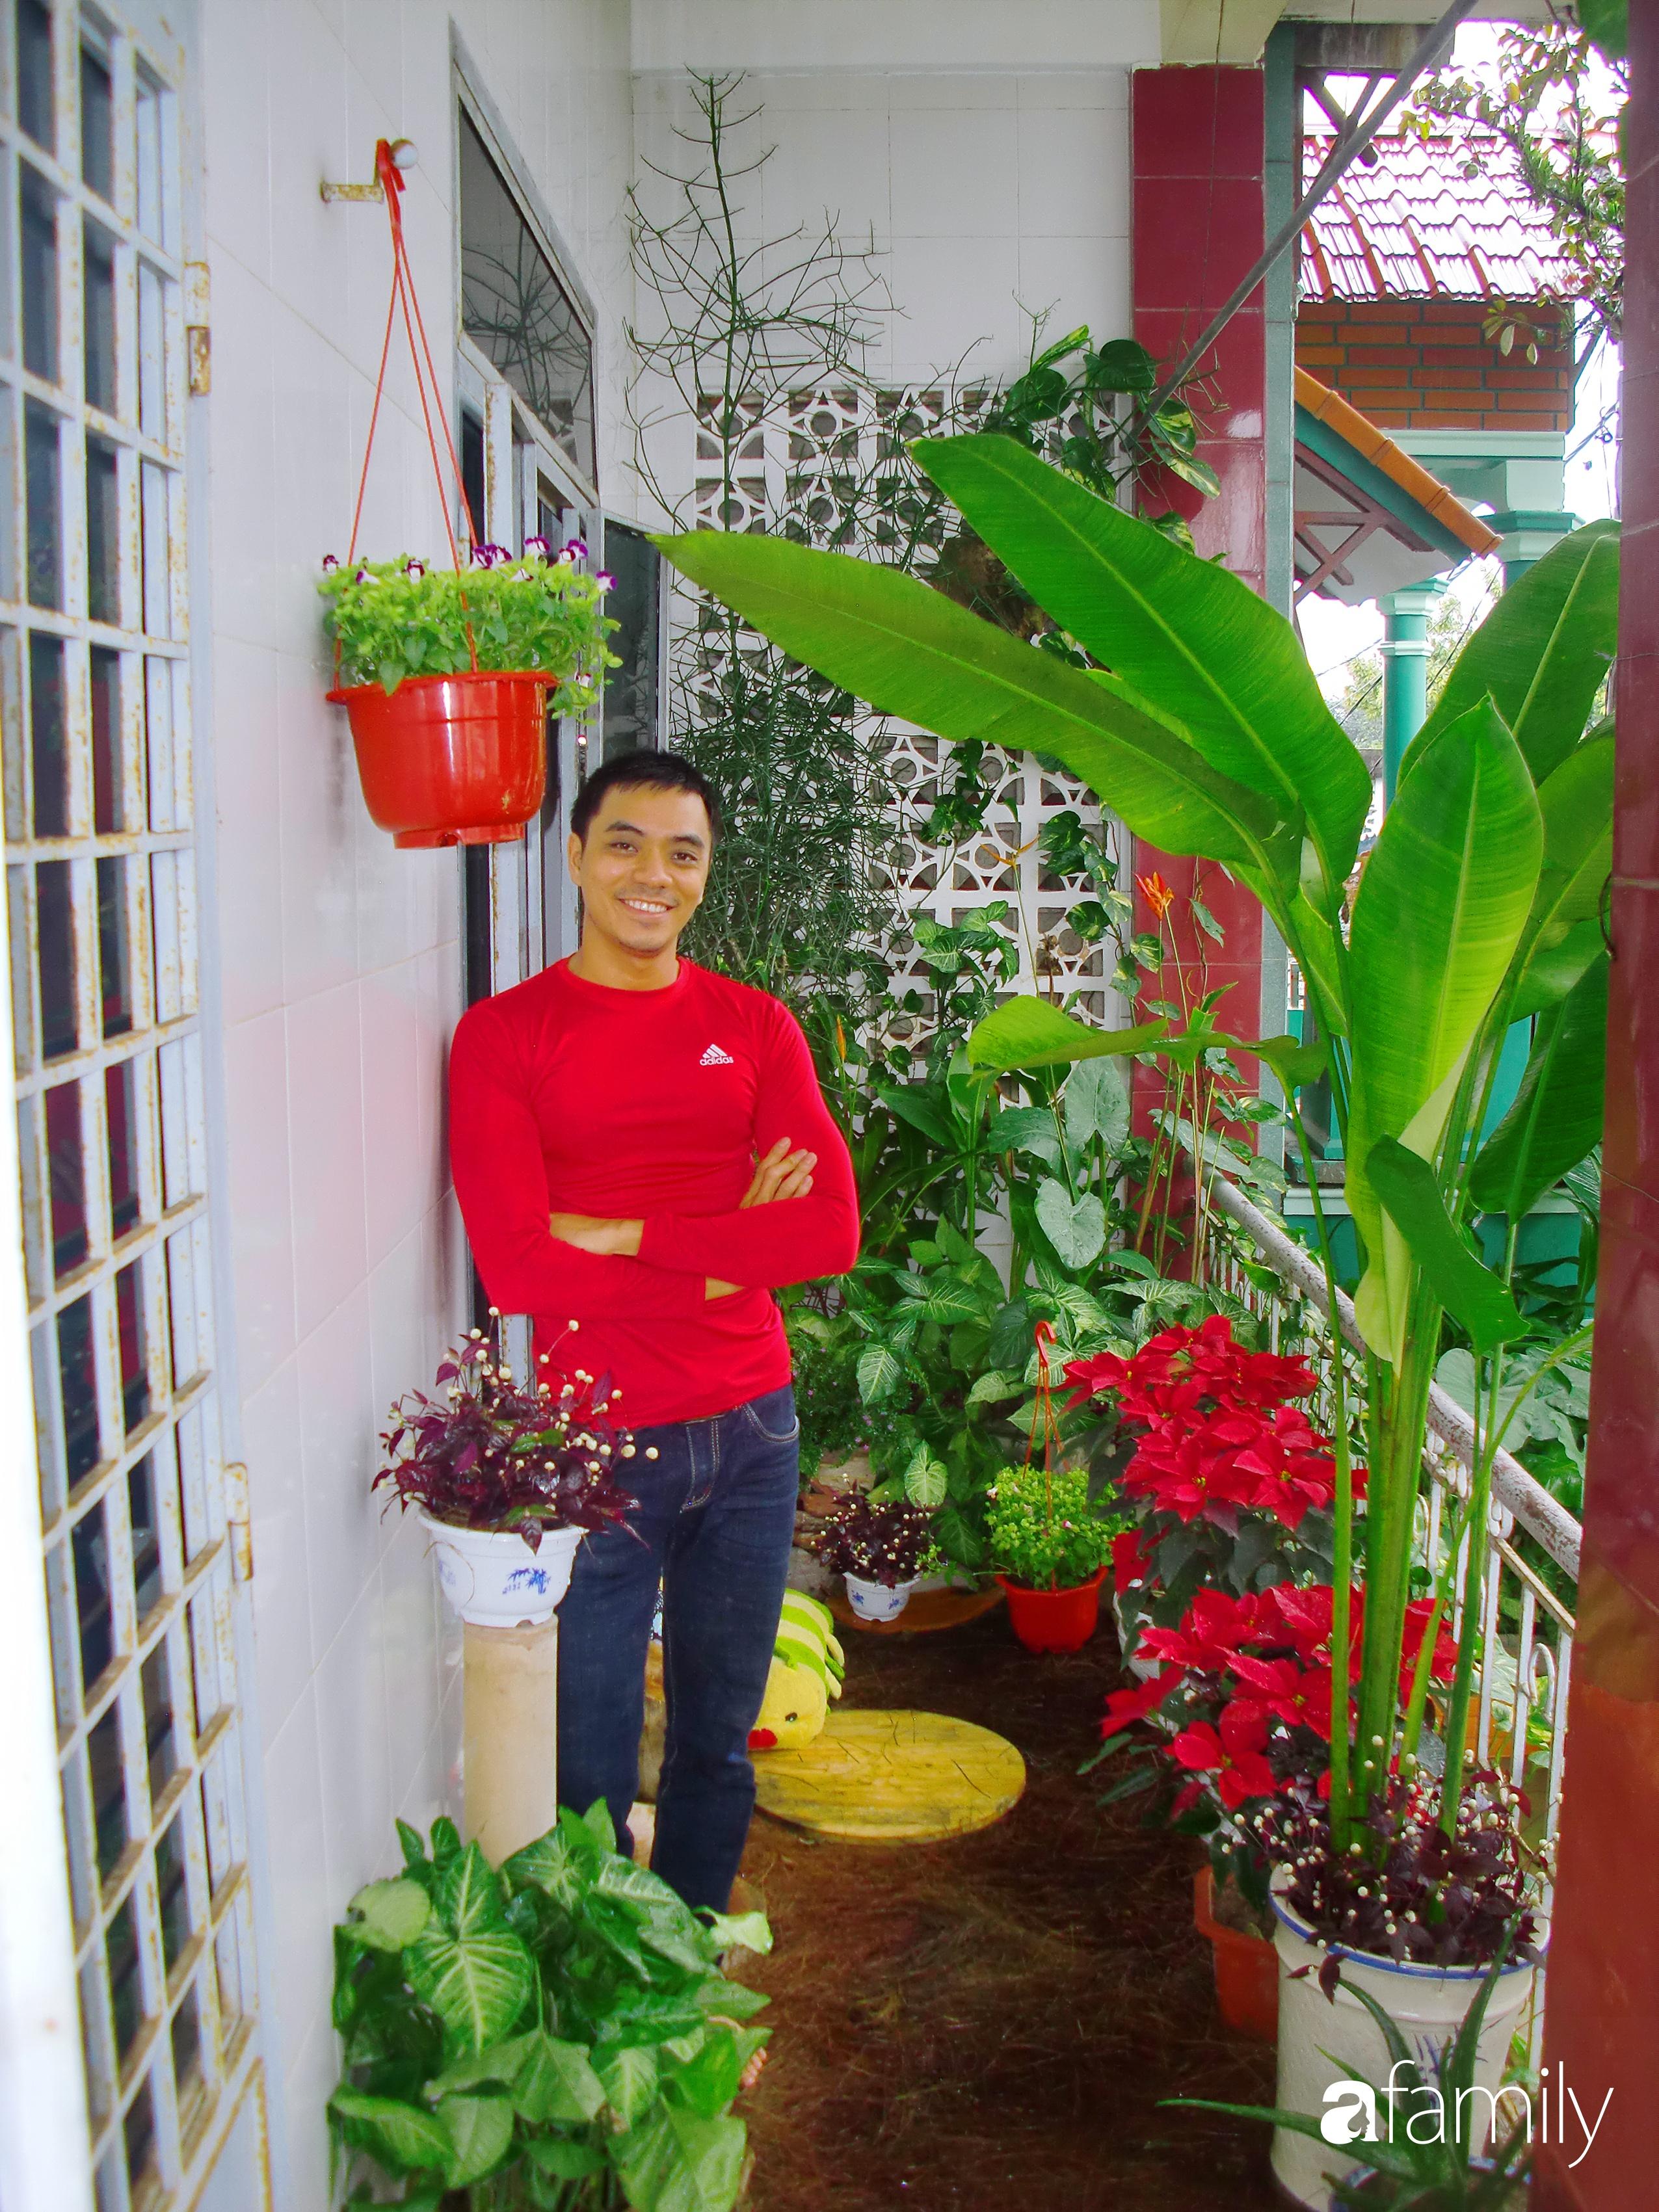 Ở nhà nghỉ dịch, chàng trai xứ Huế thảnh thơi bên ban công tự thiết kế với tiểu cảnh có hoa có cá phong cách nhiệt đới - Ảnh 1.